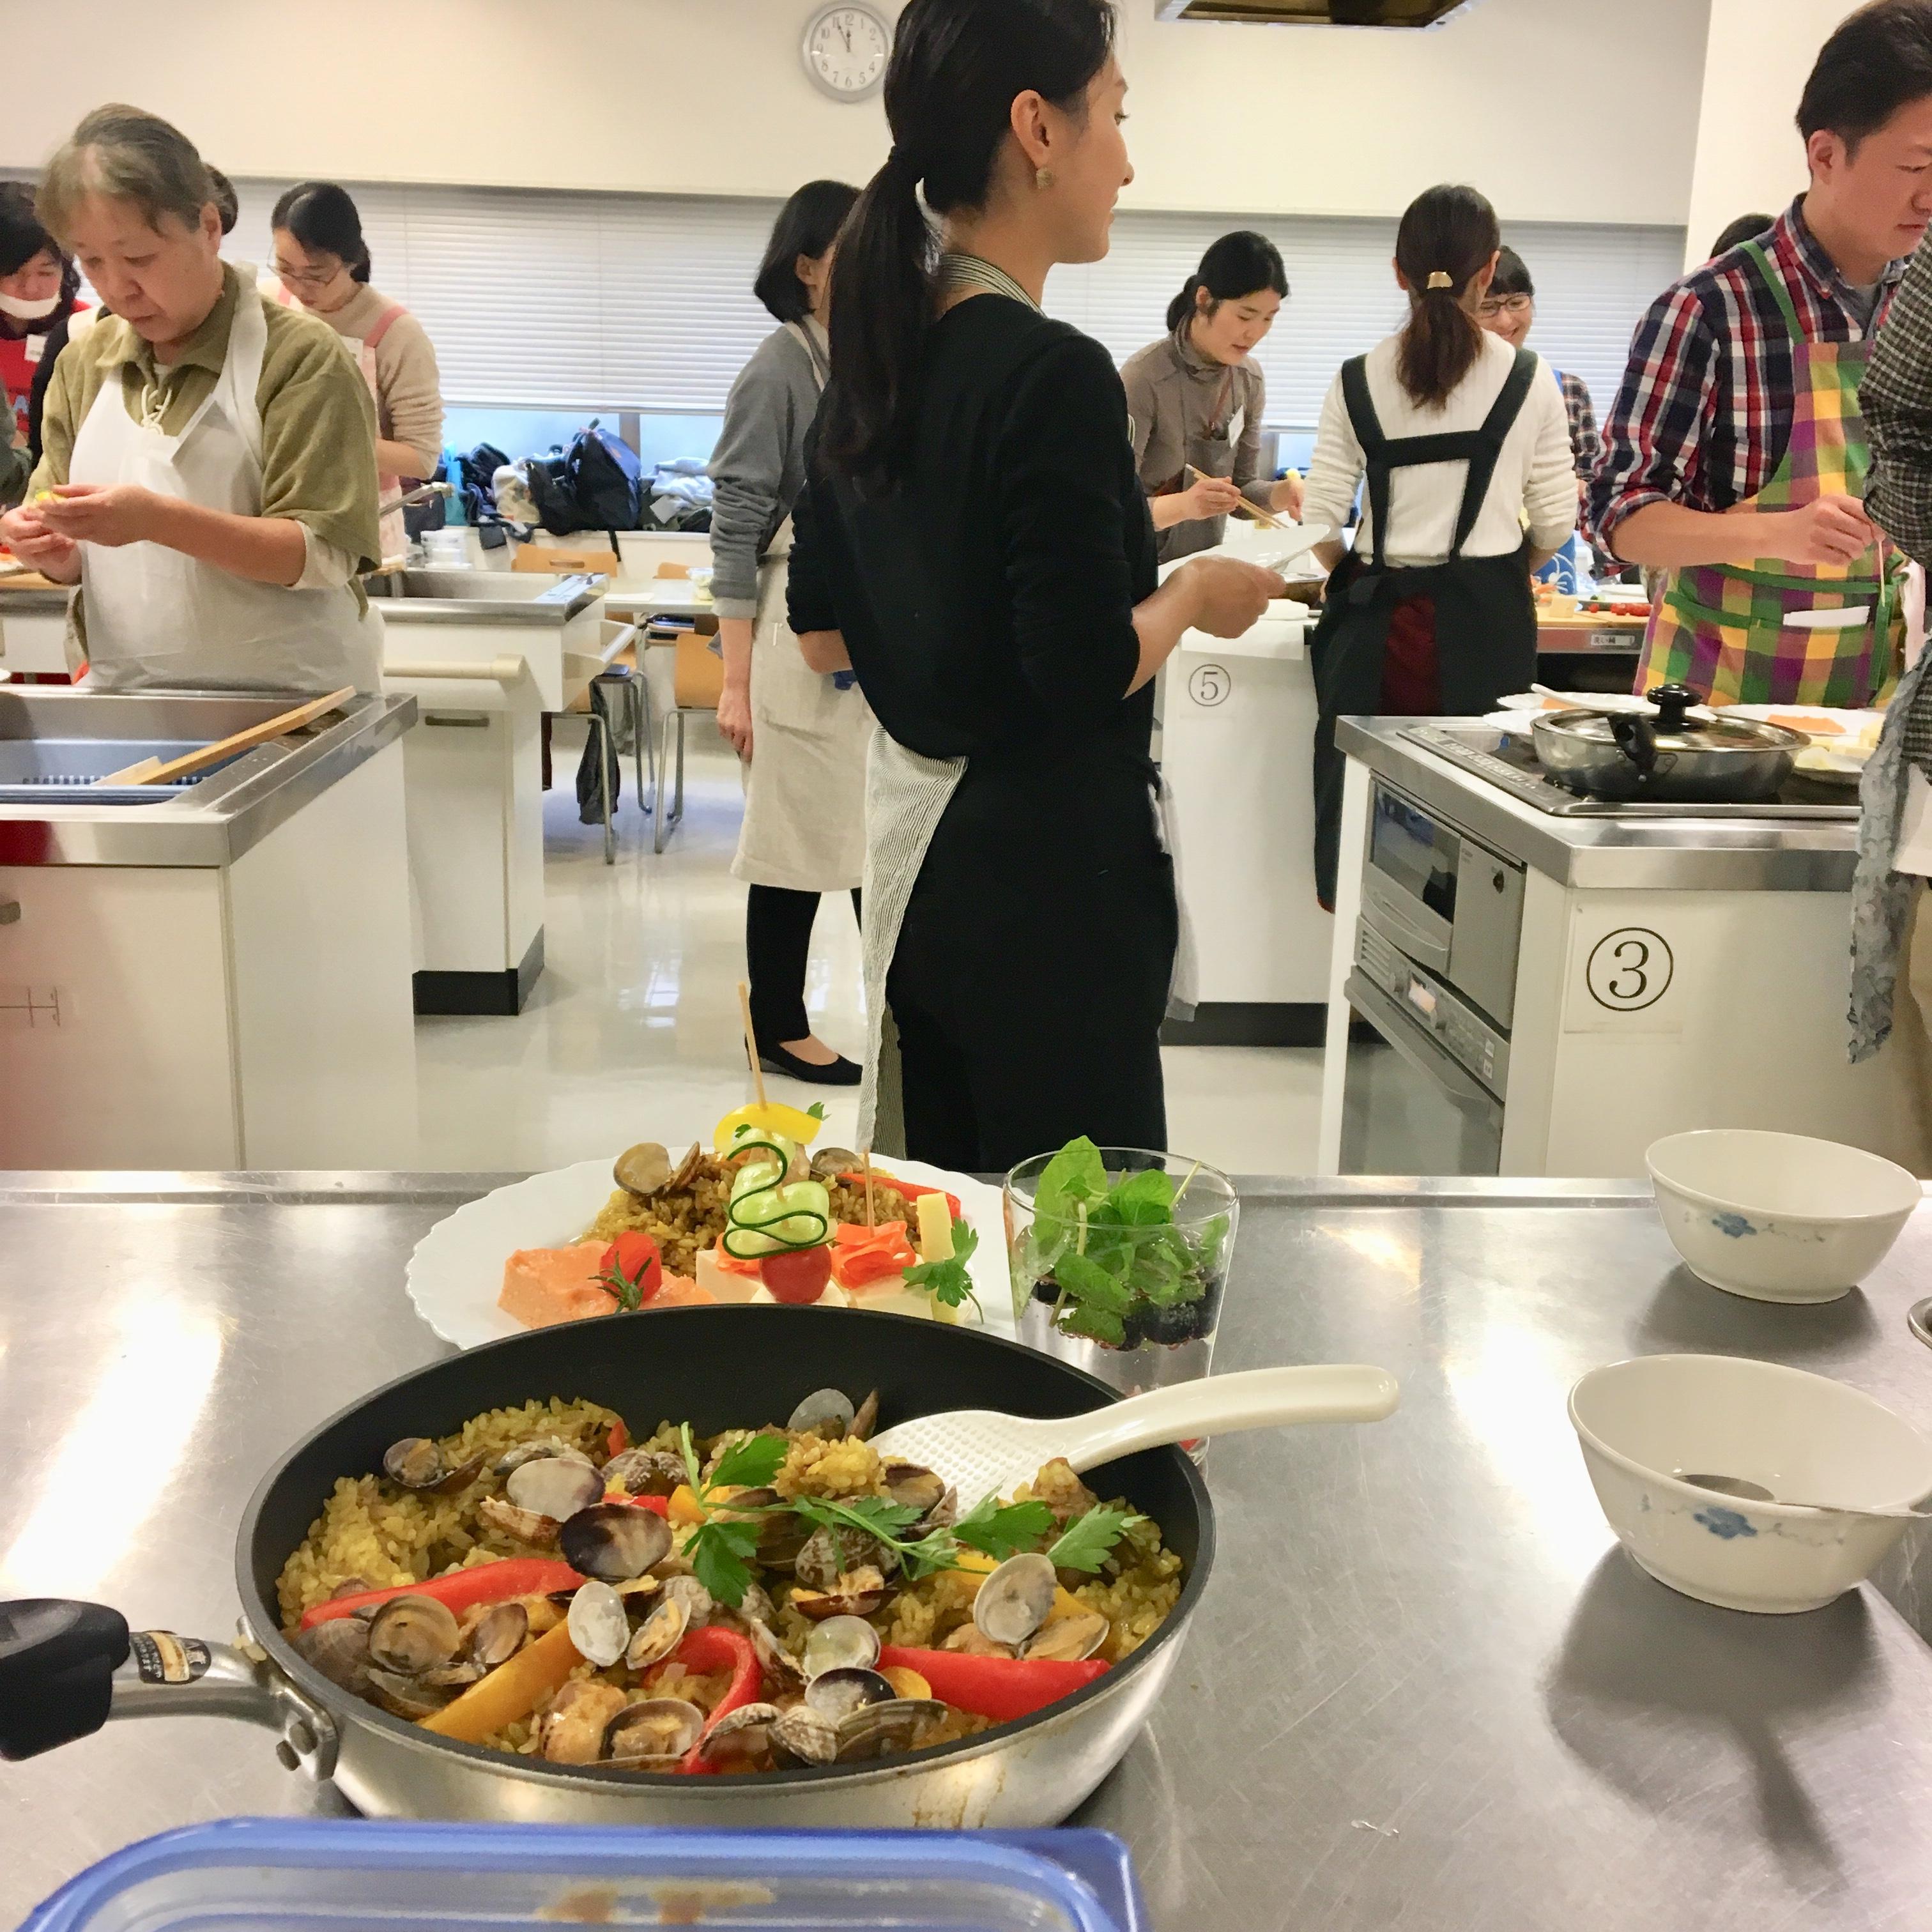 【料理教室講師】健康経営;社員の未来の健康を手に入れる料理教室「簡単おもてなしクリスマス料理編」